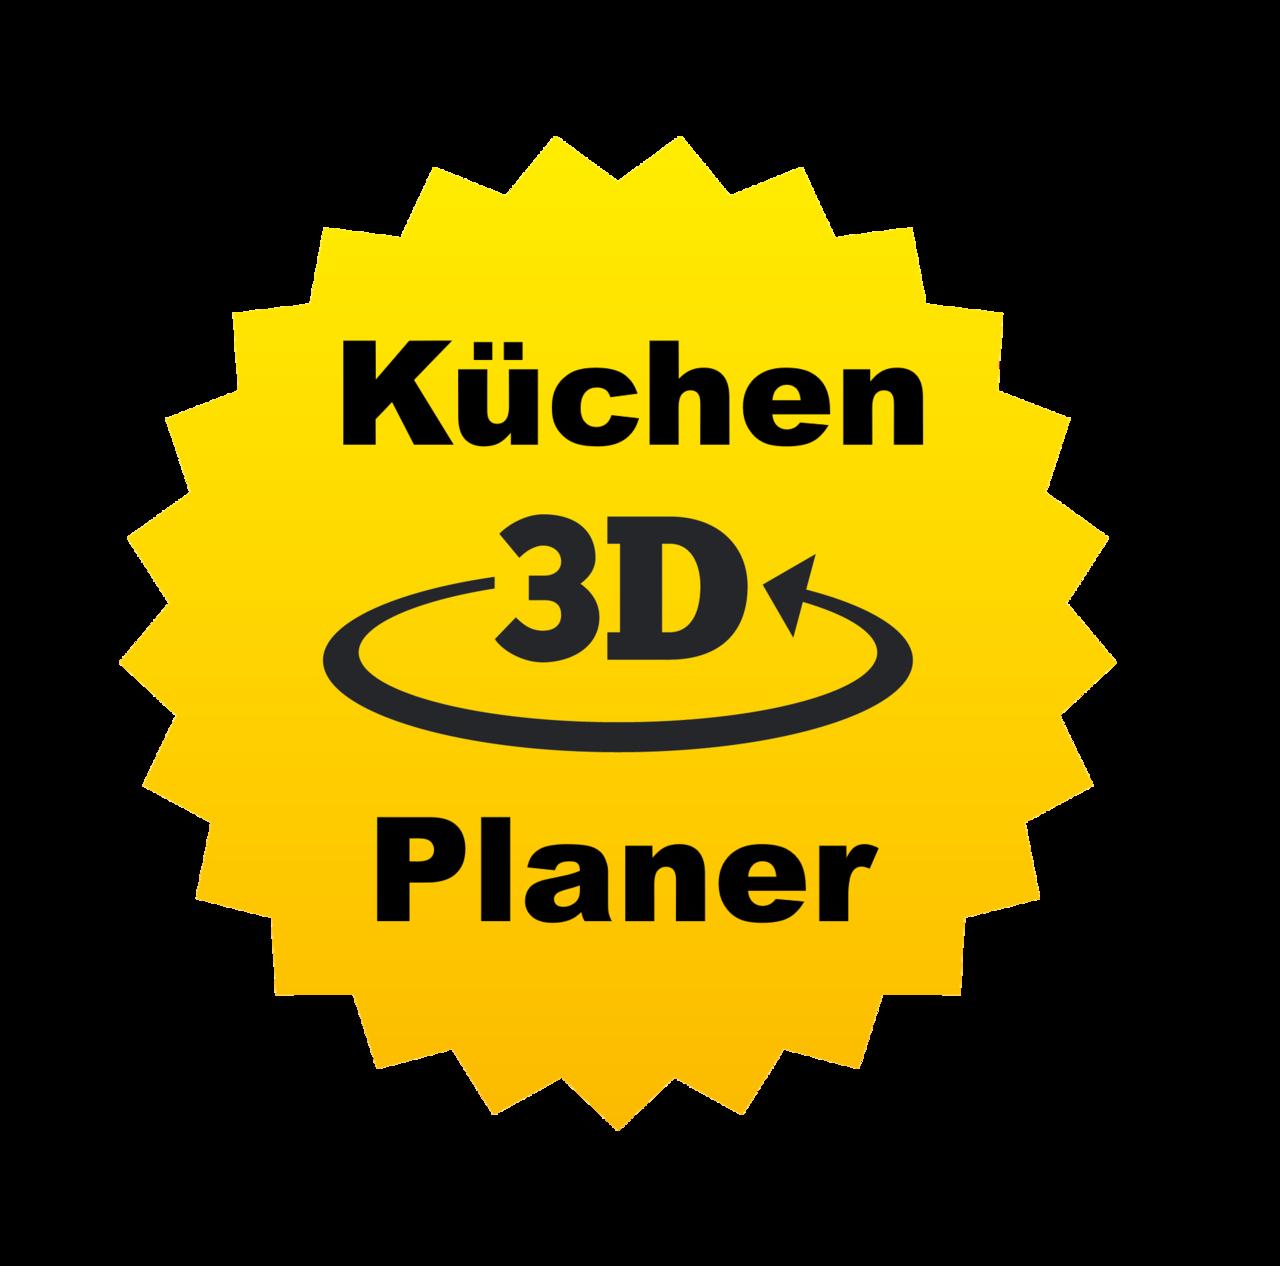 Planer küchen  Küchen+Online Planer